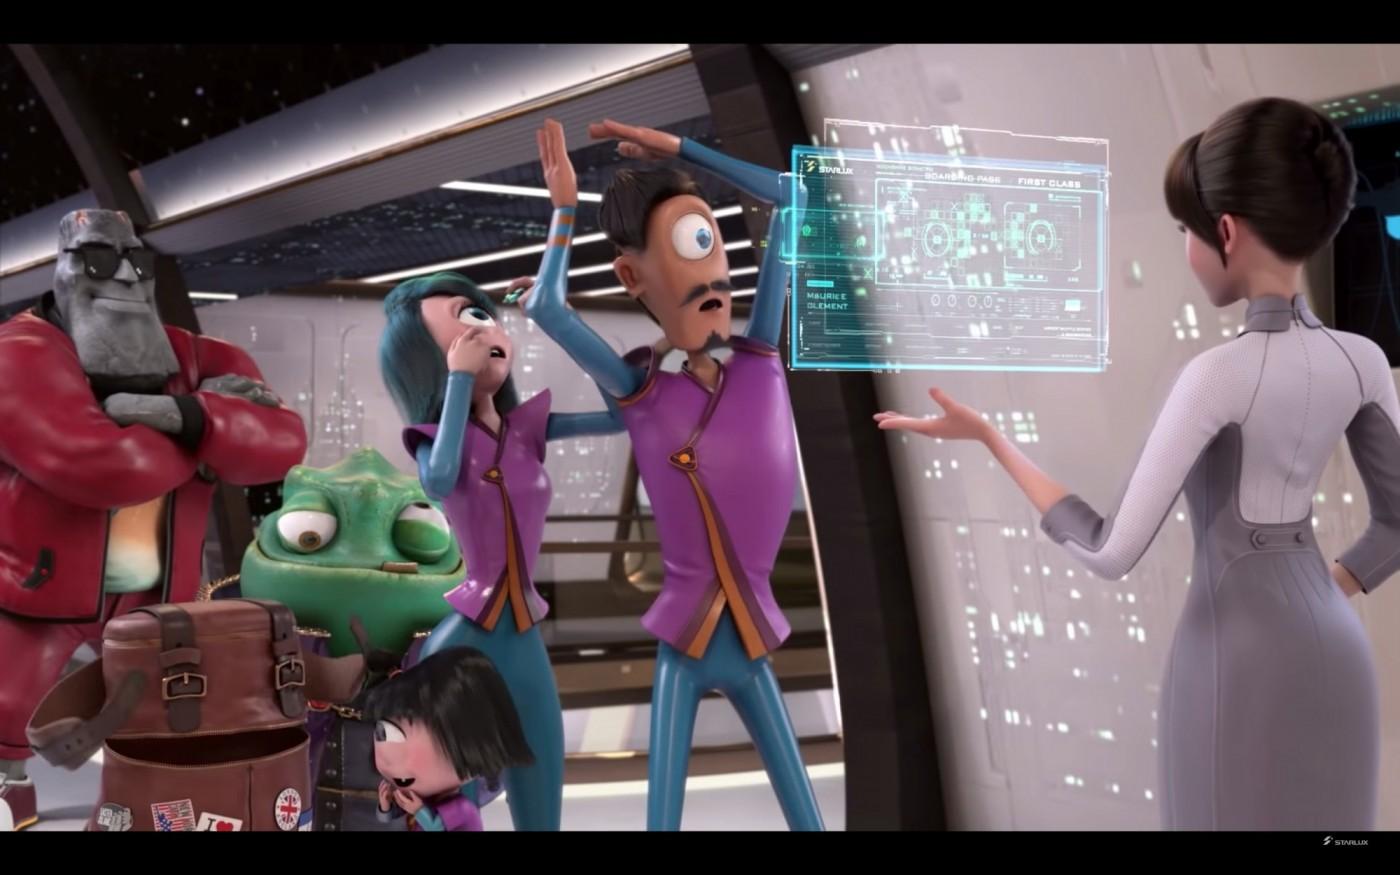 張國煒把安全影片當「皮克斯」電影拍?星宇航空用這部動畫吸乘客目光